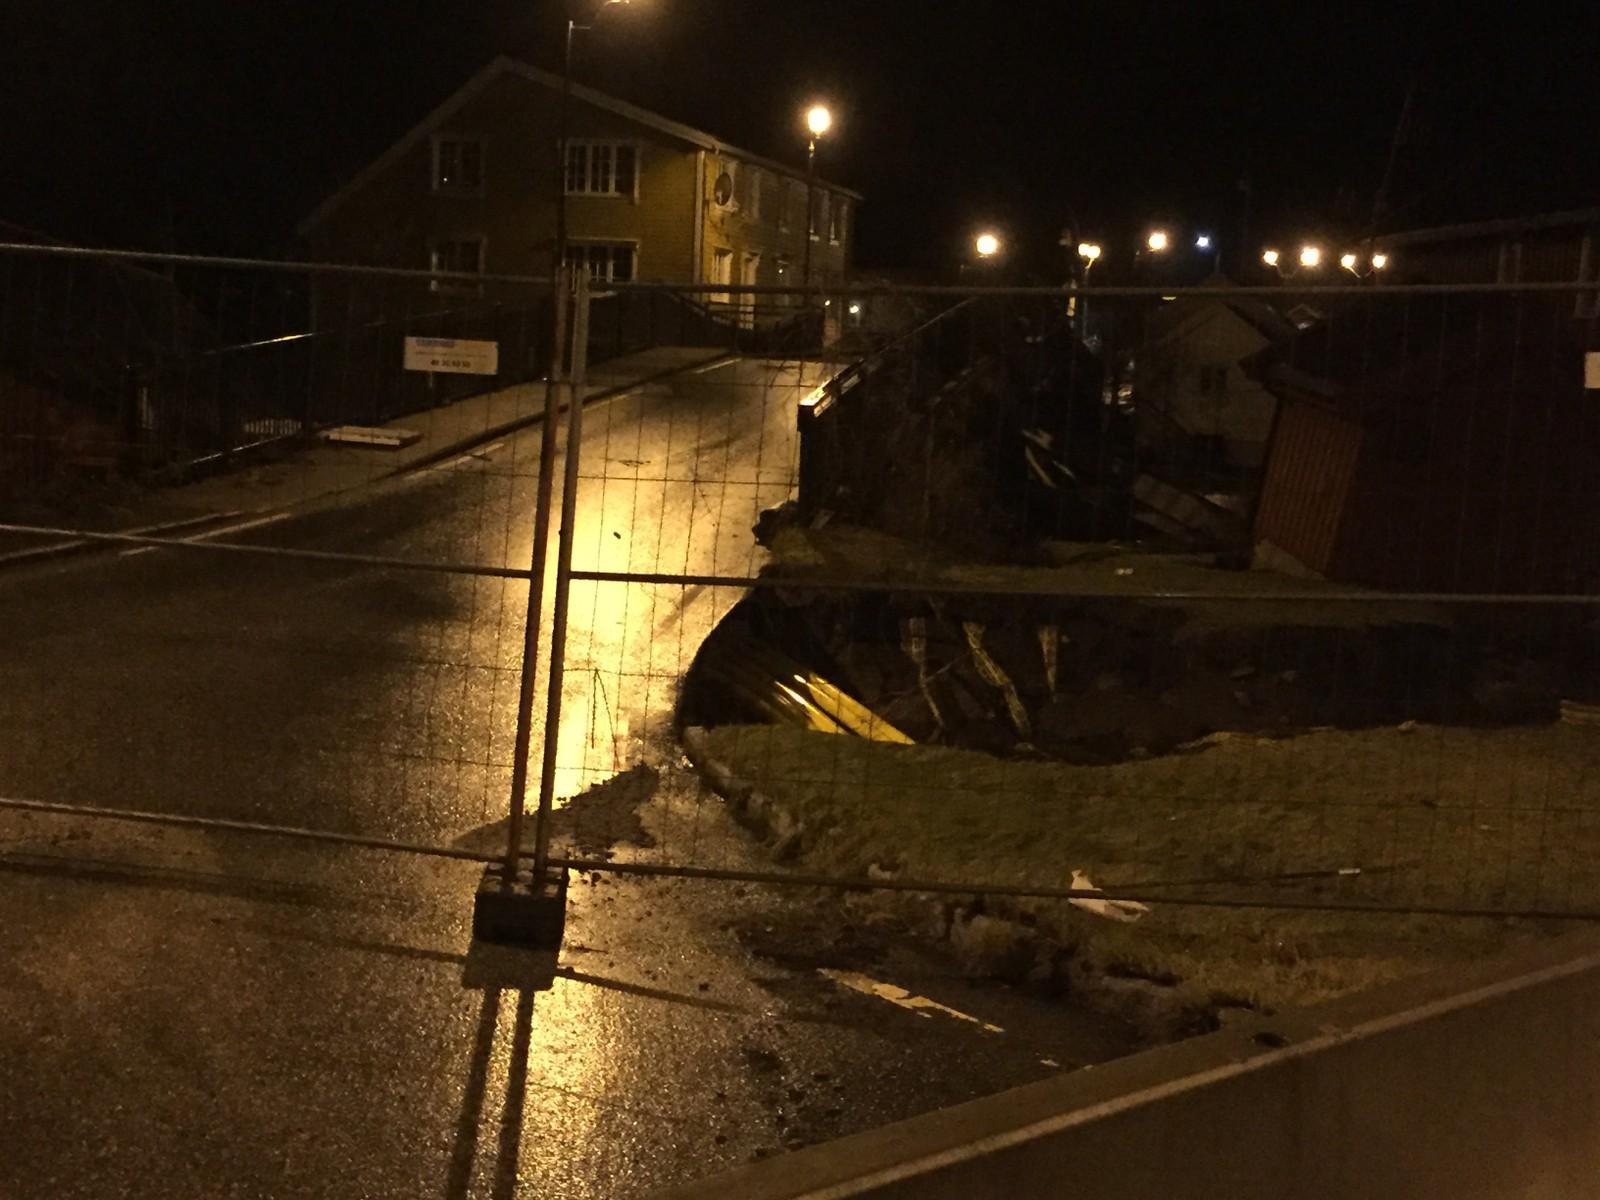 Den 200 år gamle brua i Kvinesdal har rast i flommen og veien er stengt.